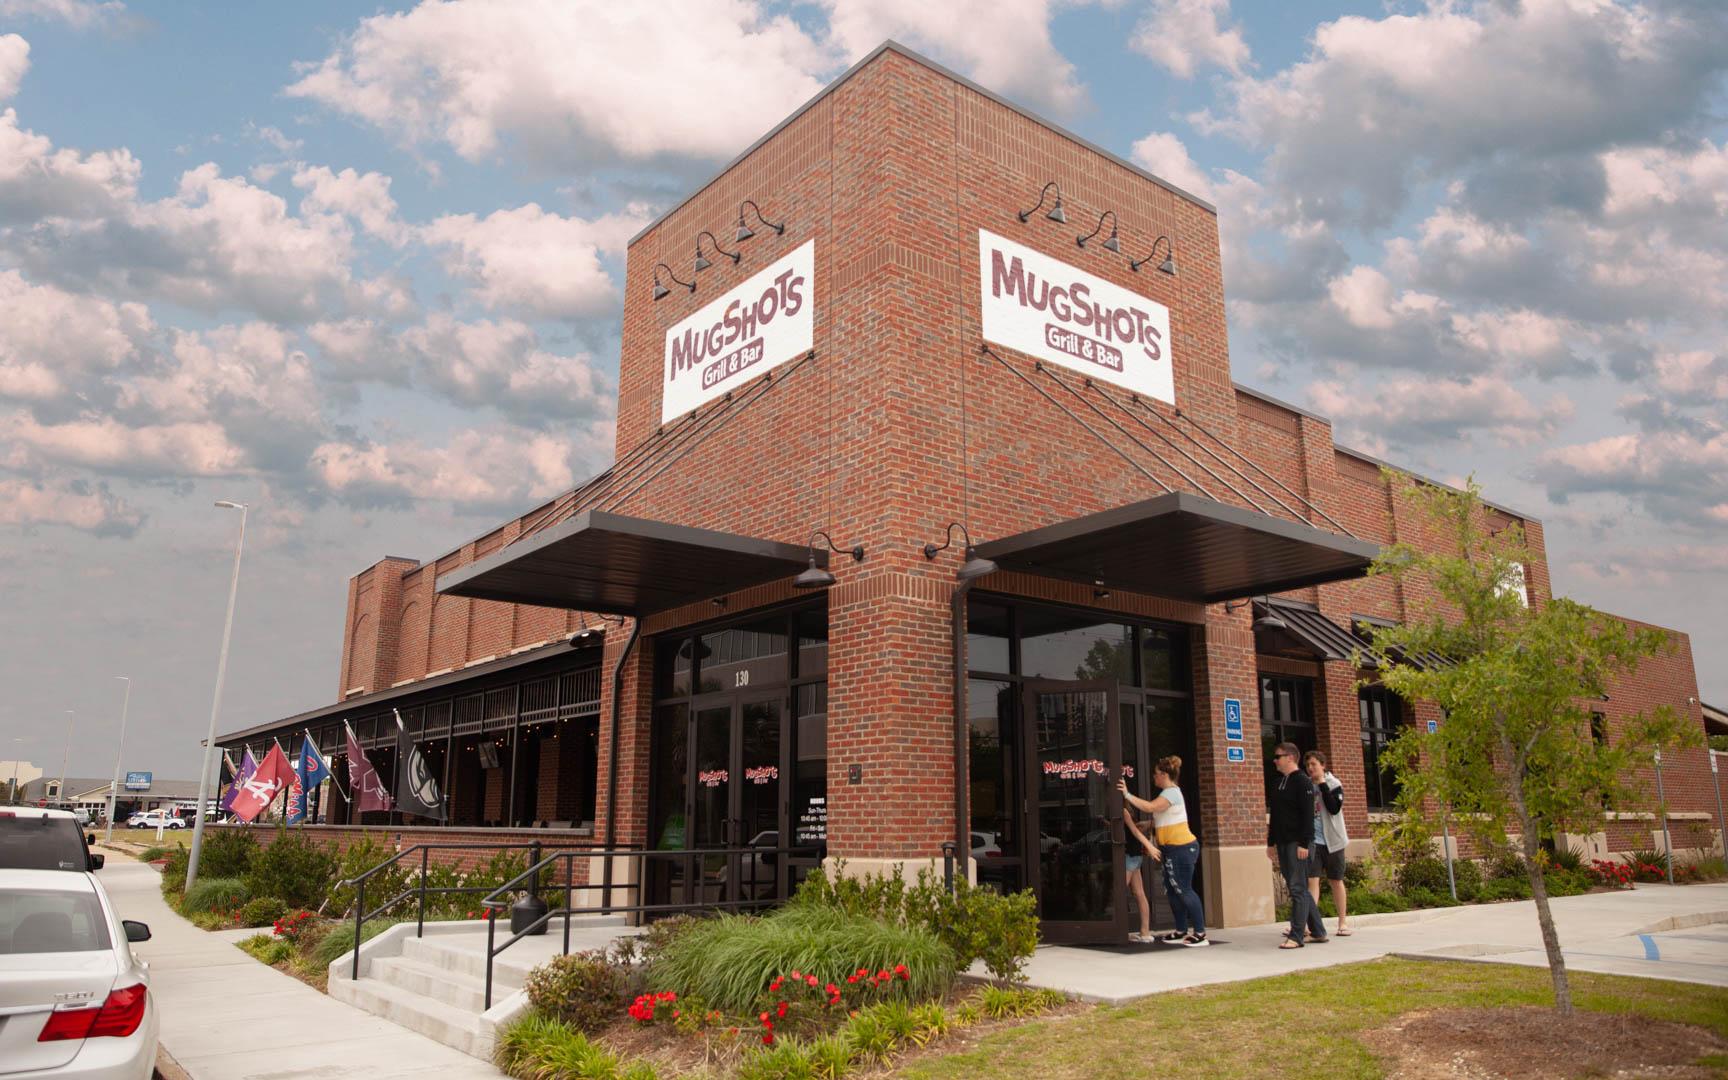 Biloxi, MS — Mugshots Grill & Bar